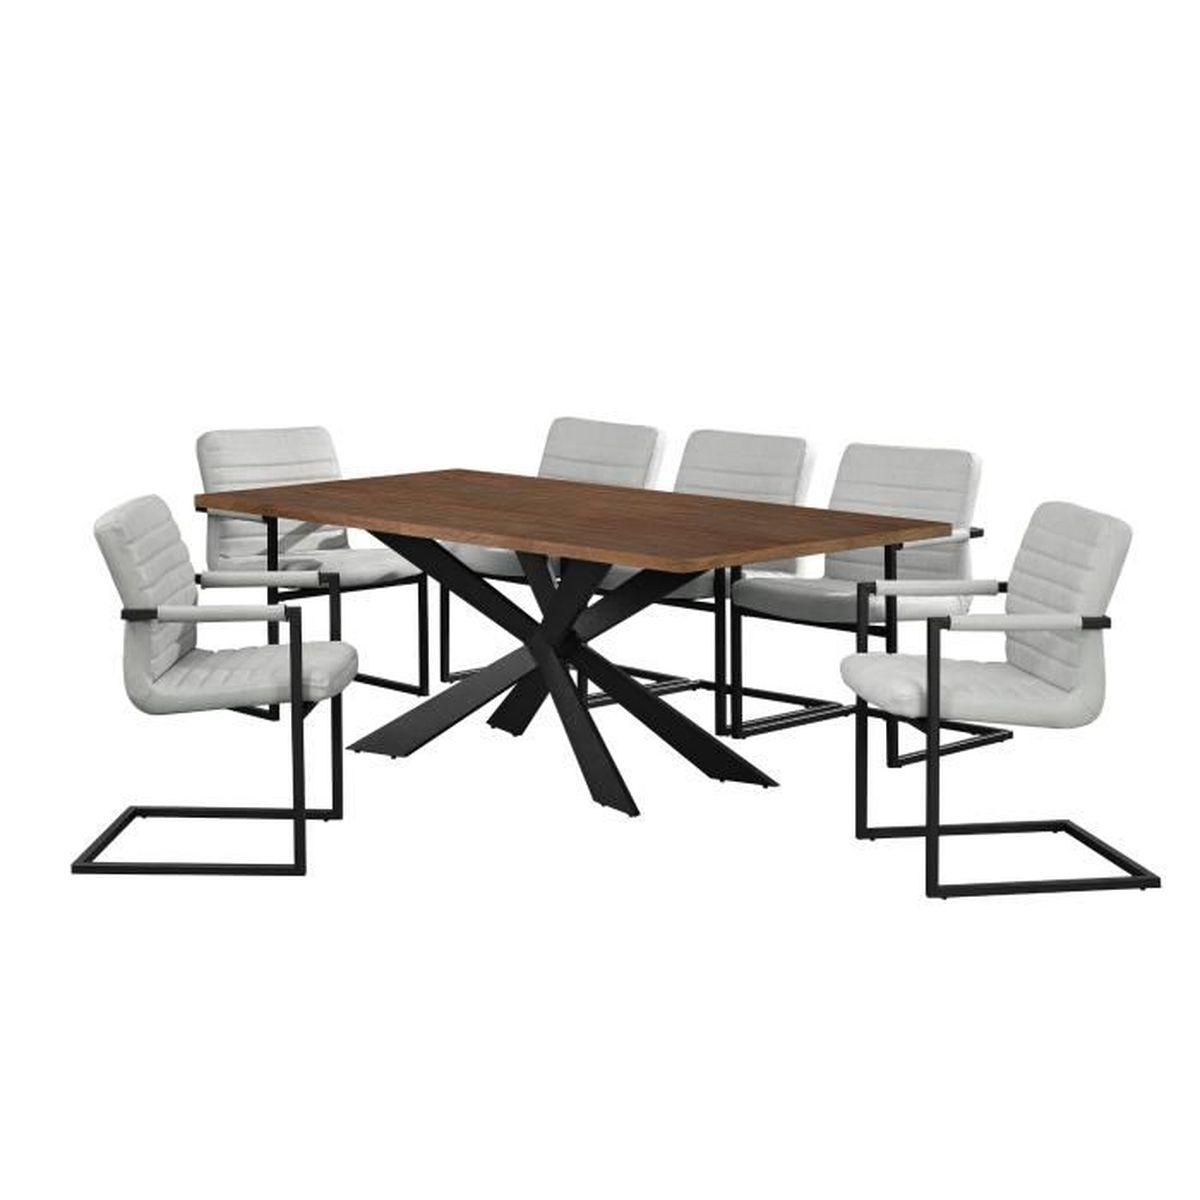 Table de salle manger noix avec 6 chaises - Chaises de table a manger ...